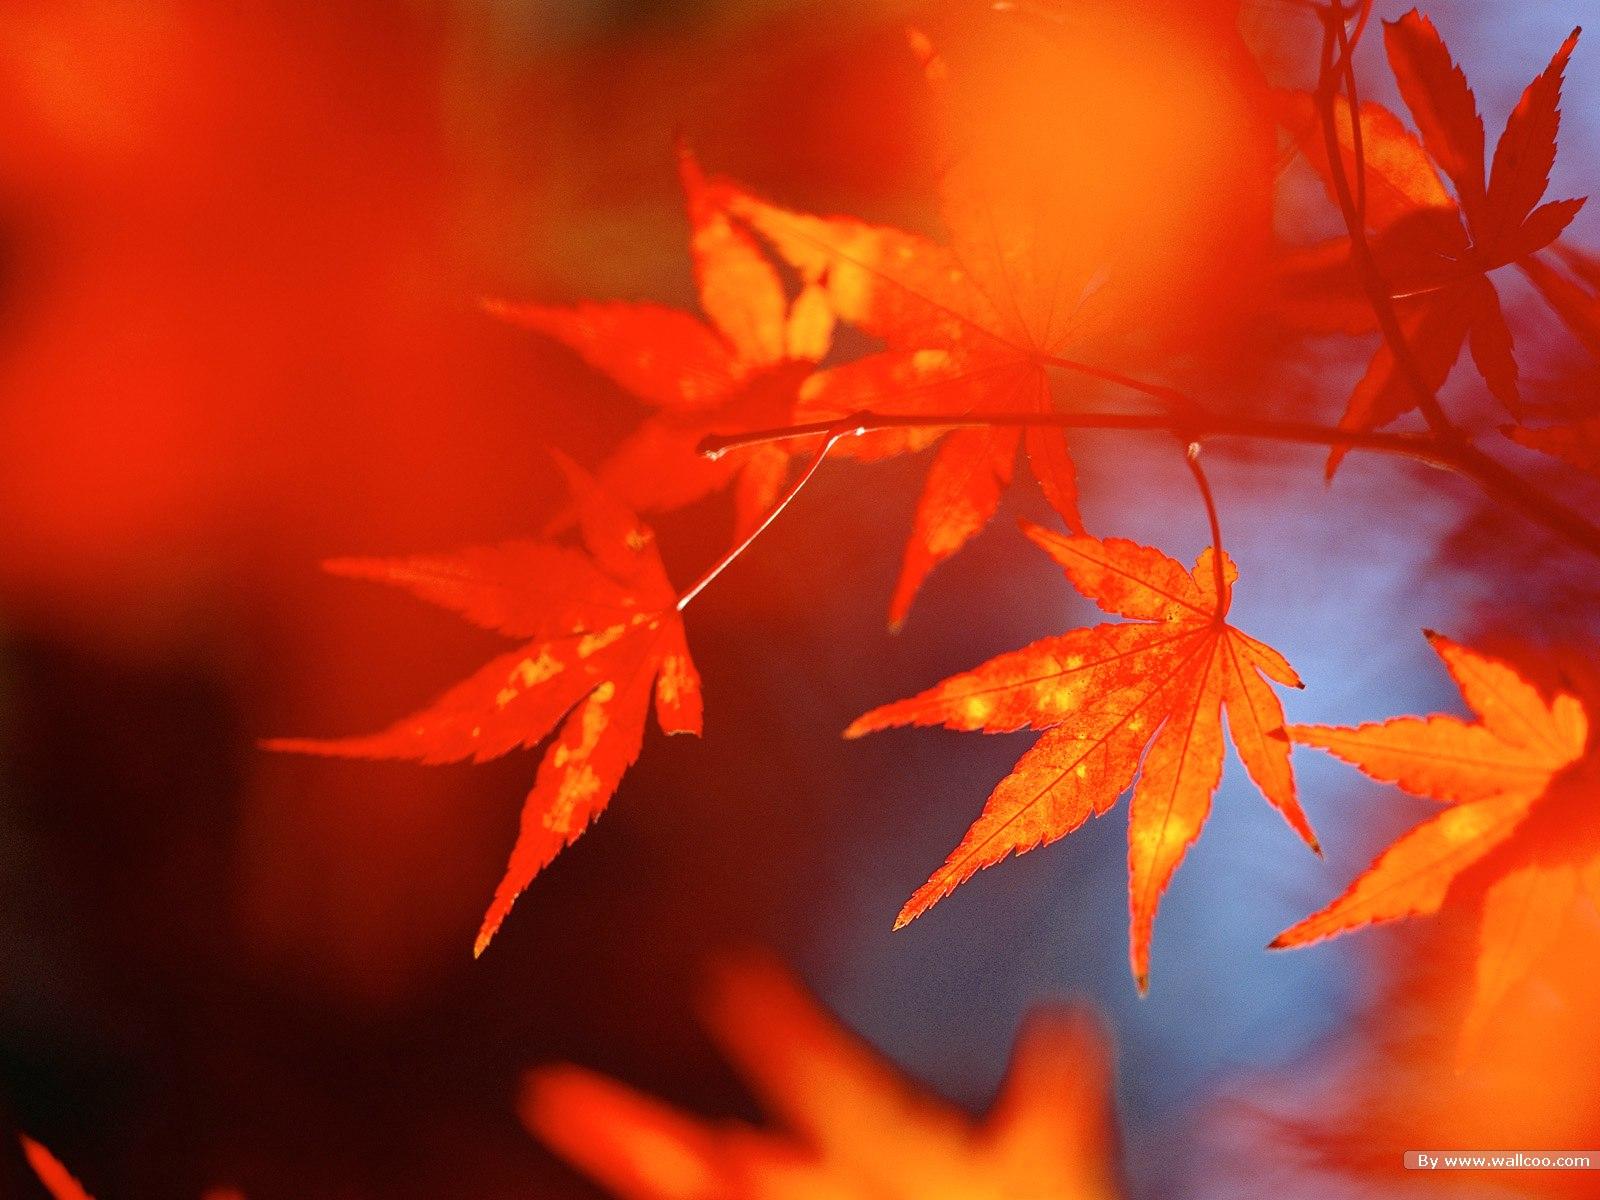 1200壁纸 浓郁秋色 秋天红色的枫叶图片壁纸,浓浓秋色 秋天